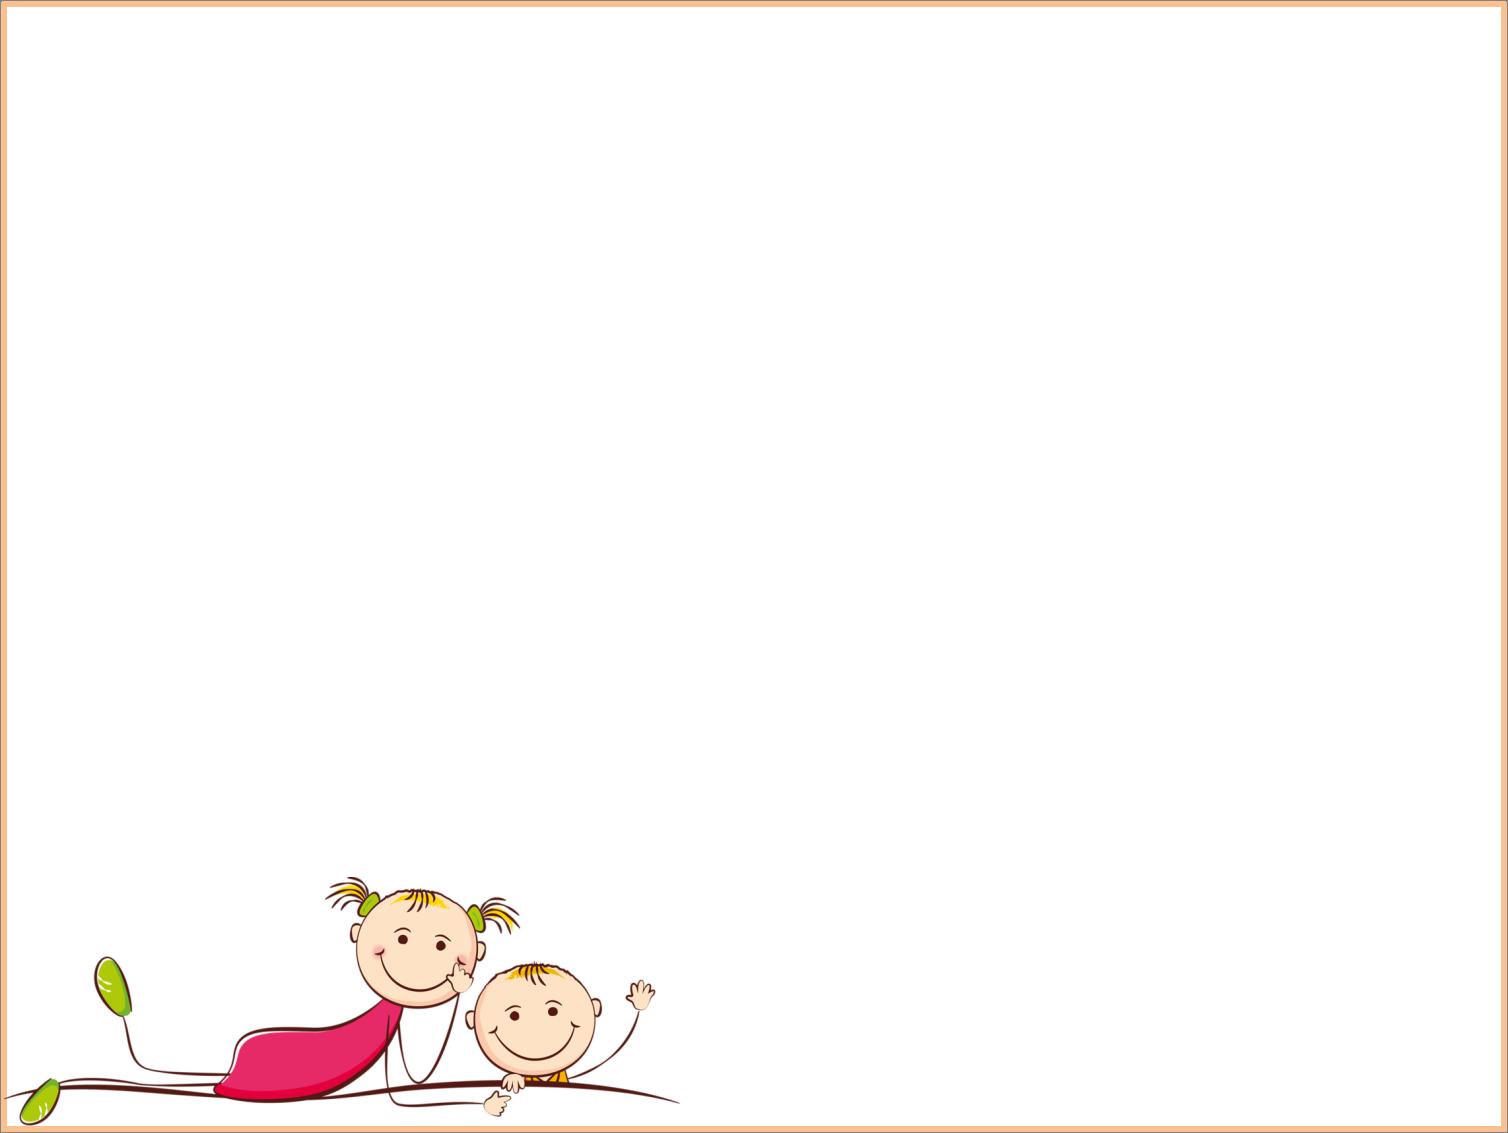 Шаблон для презентаций детские скачать бесплатно